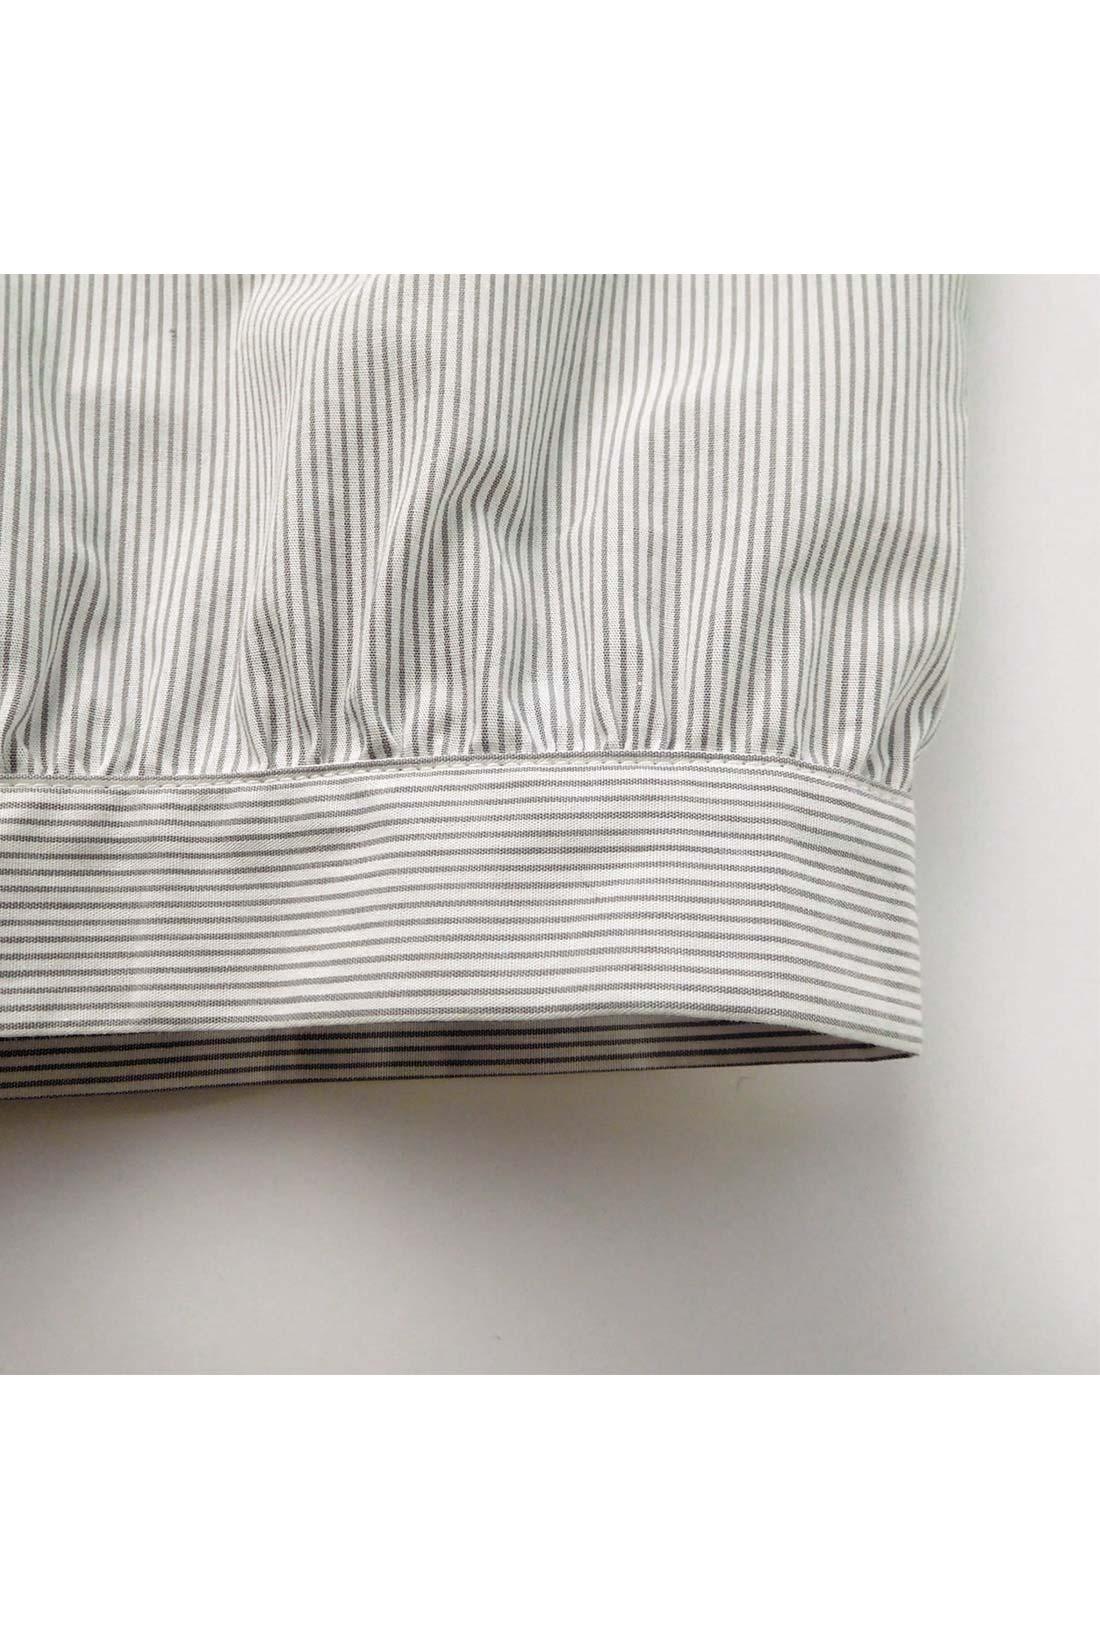 [あえての薄手素材。]ペチパンツとしてはいた時に、ごろごろしないように薄手で作っていますので、1枚では着られません。